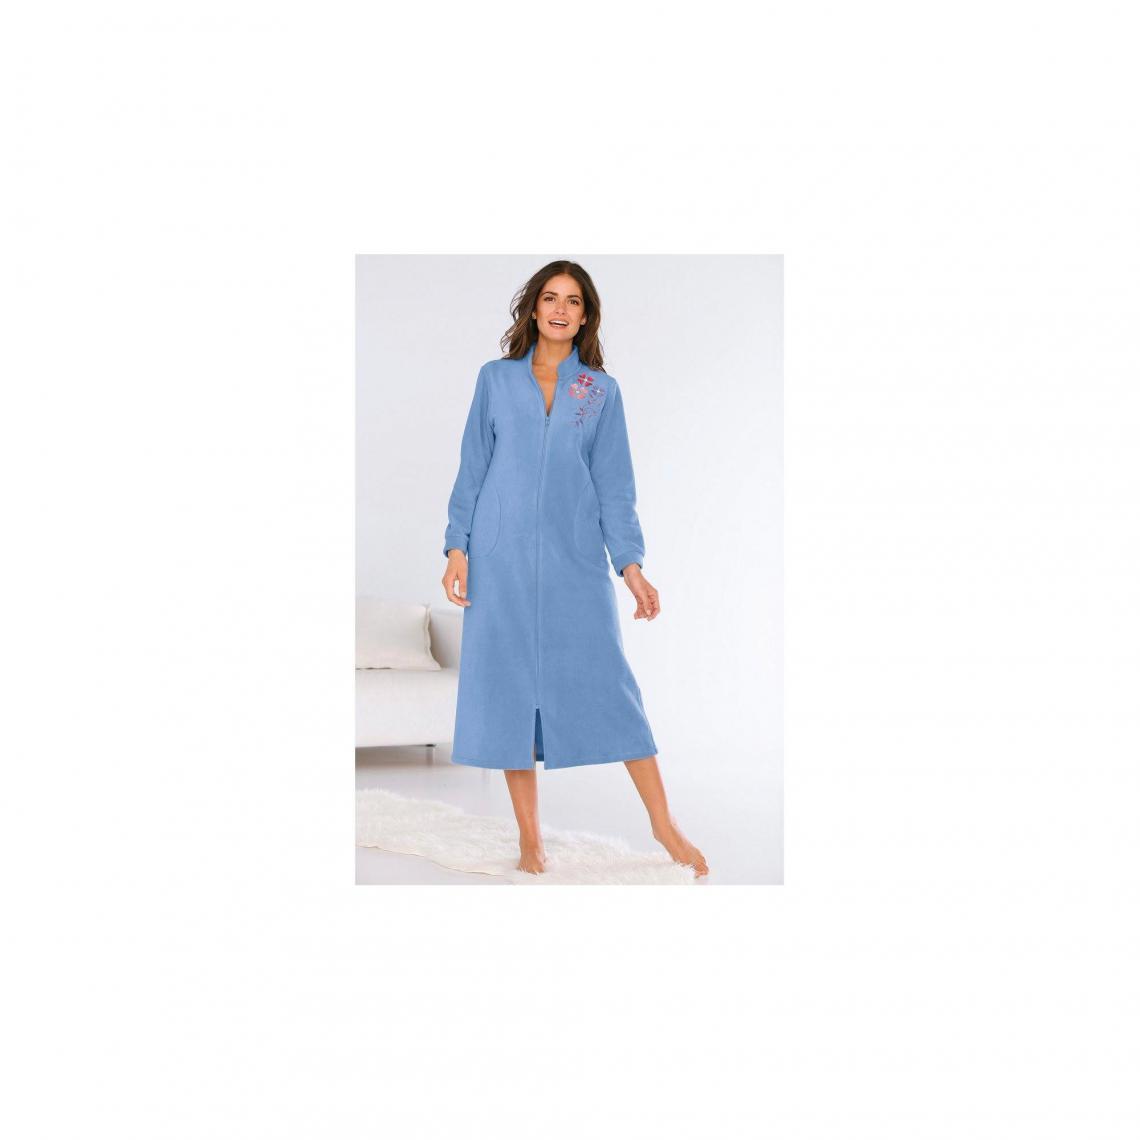 Robe De Chambre Polaire Zippee Avec Broderie Femme Bleu Lavande 3 Suisses